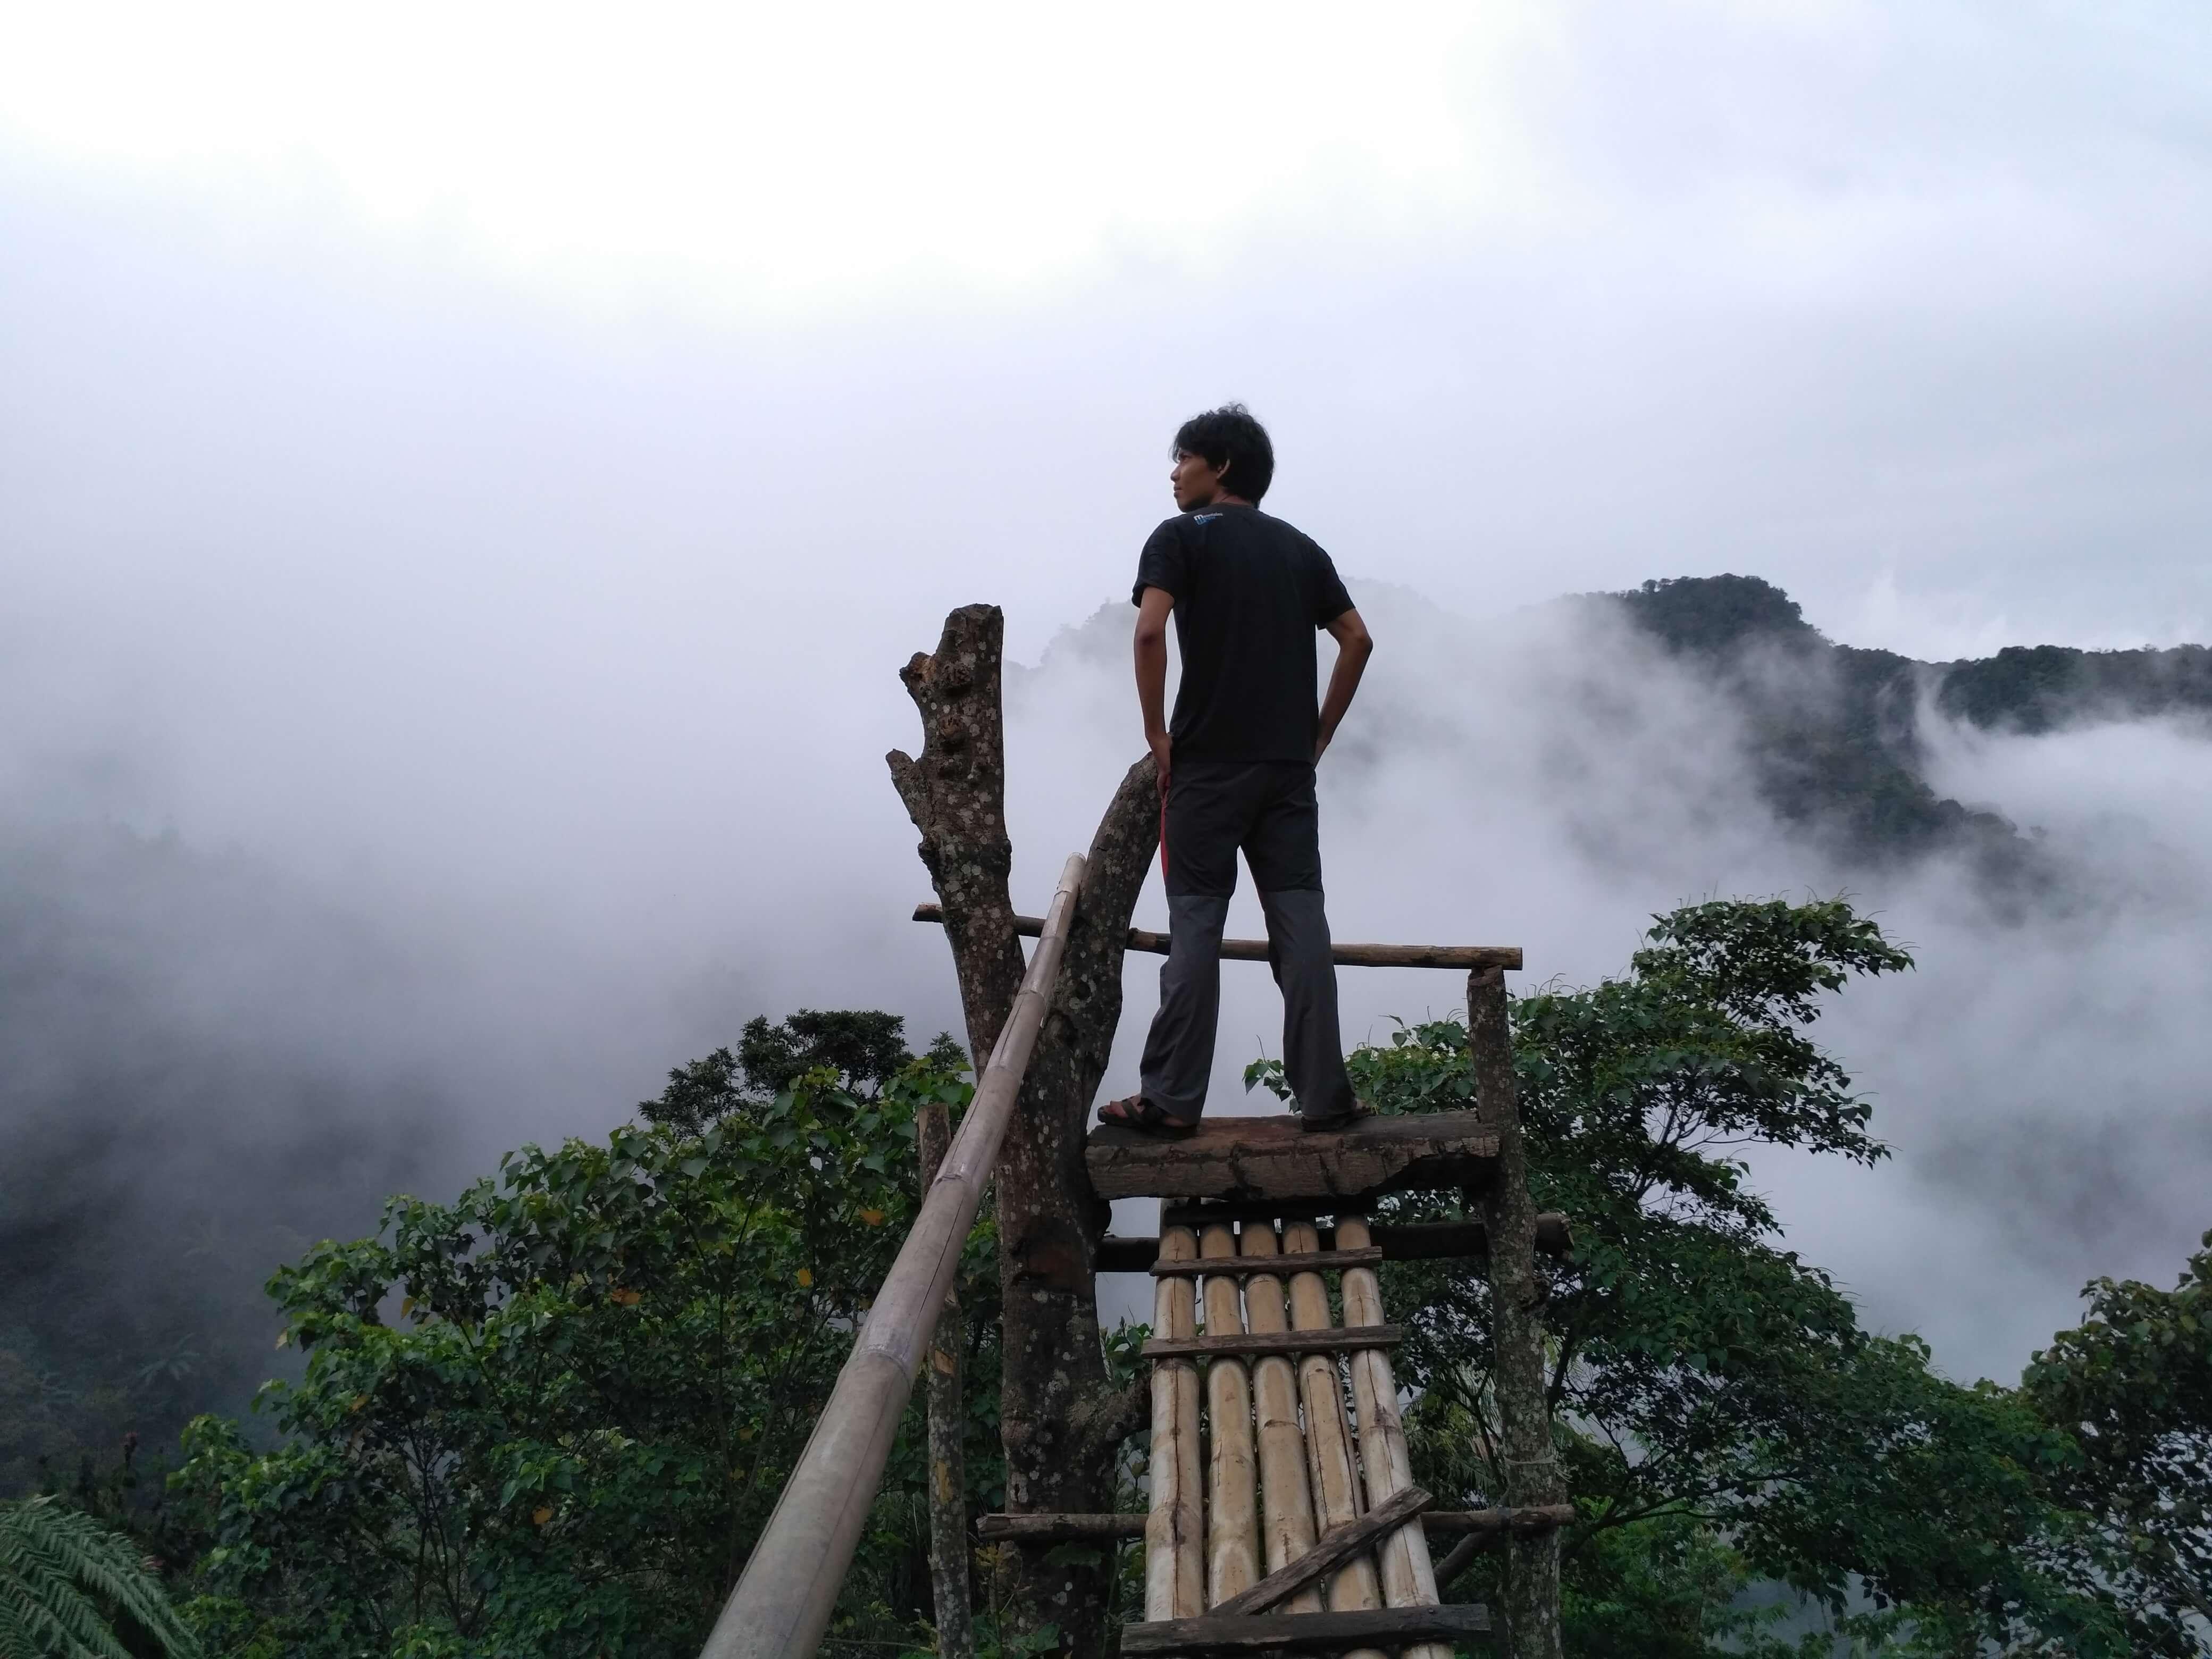 Tempat Selfie di Ipukan dengan background Hutan dan Gunung Ciremai